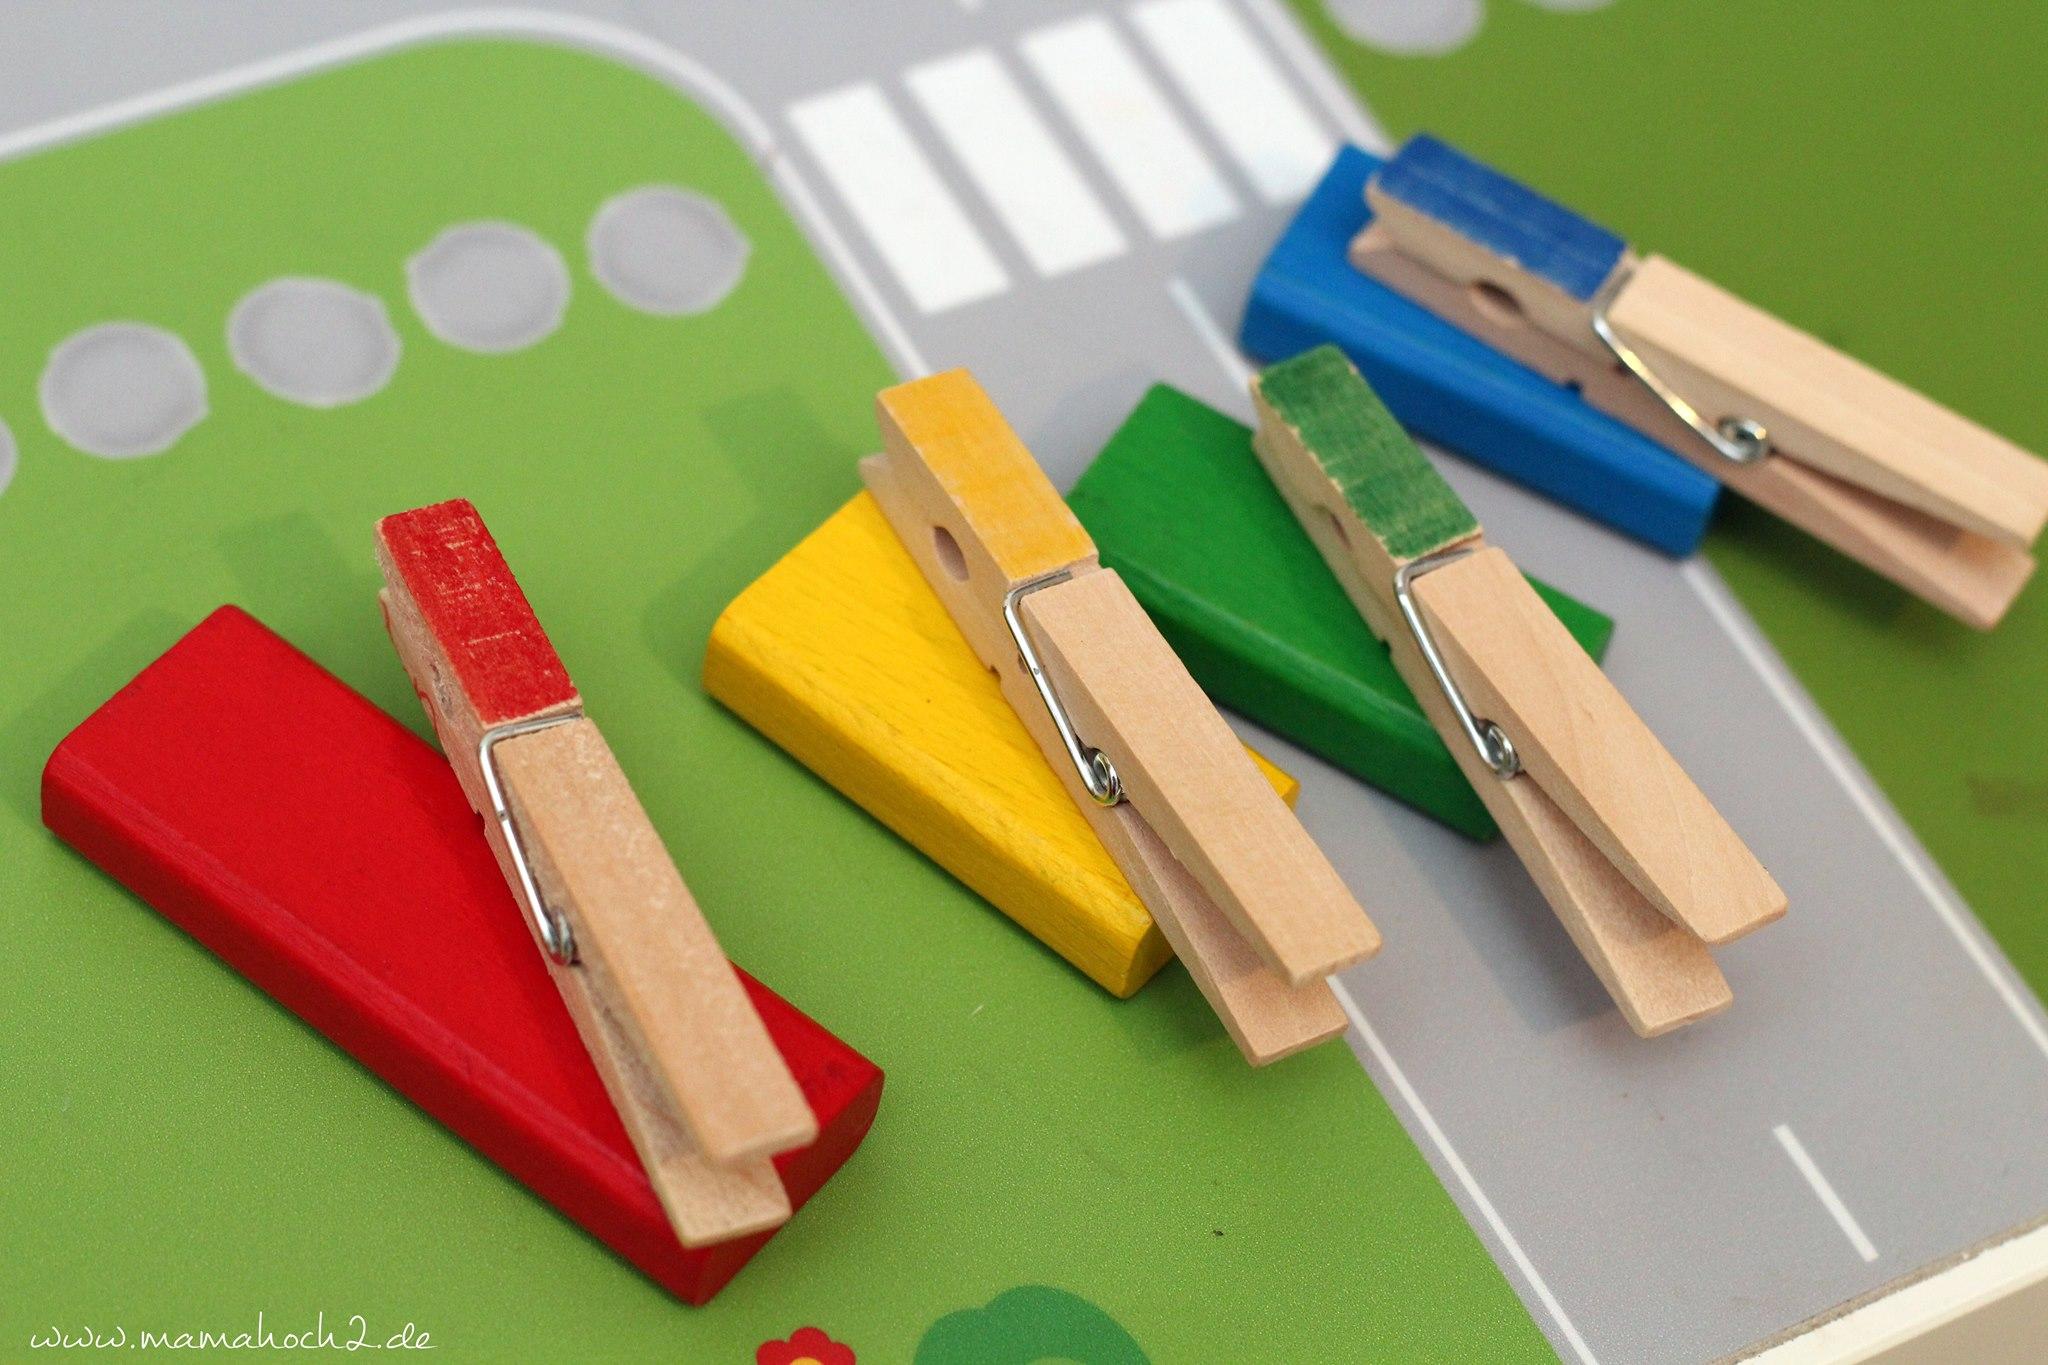 spiel farben lernen mit bausteinen montessori kleinkinder selbermachen 2 mamahoch2. Black Bedroom Furniture Sets. Home Design Ideas